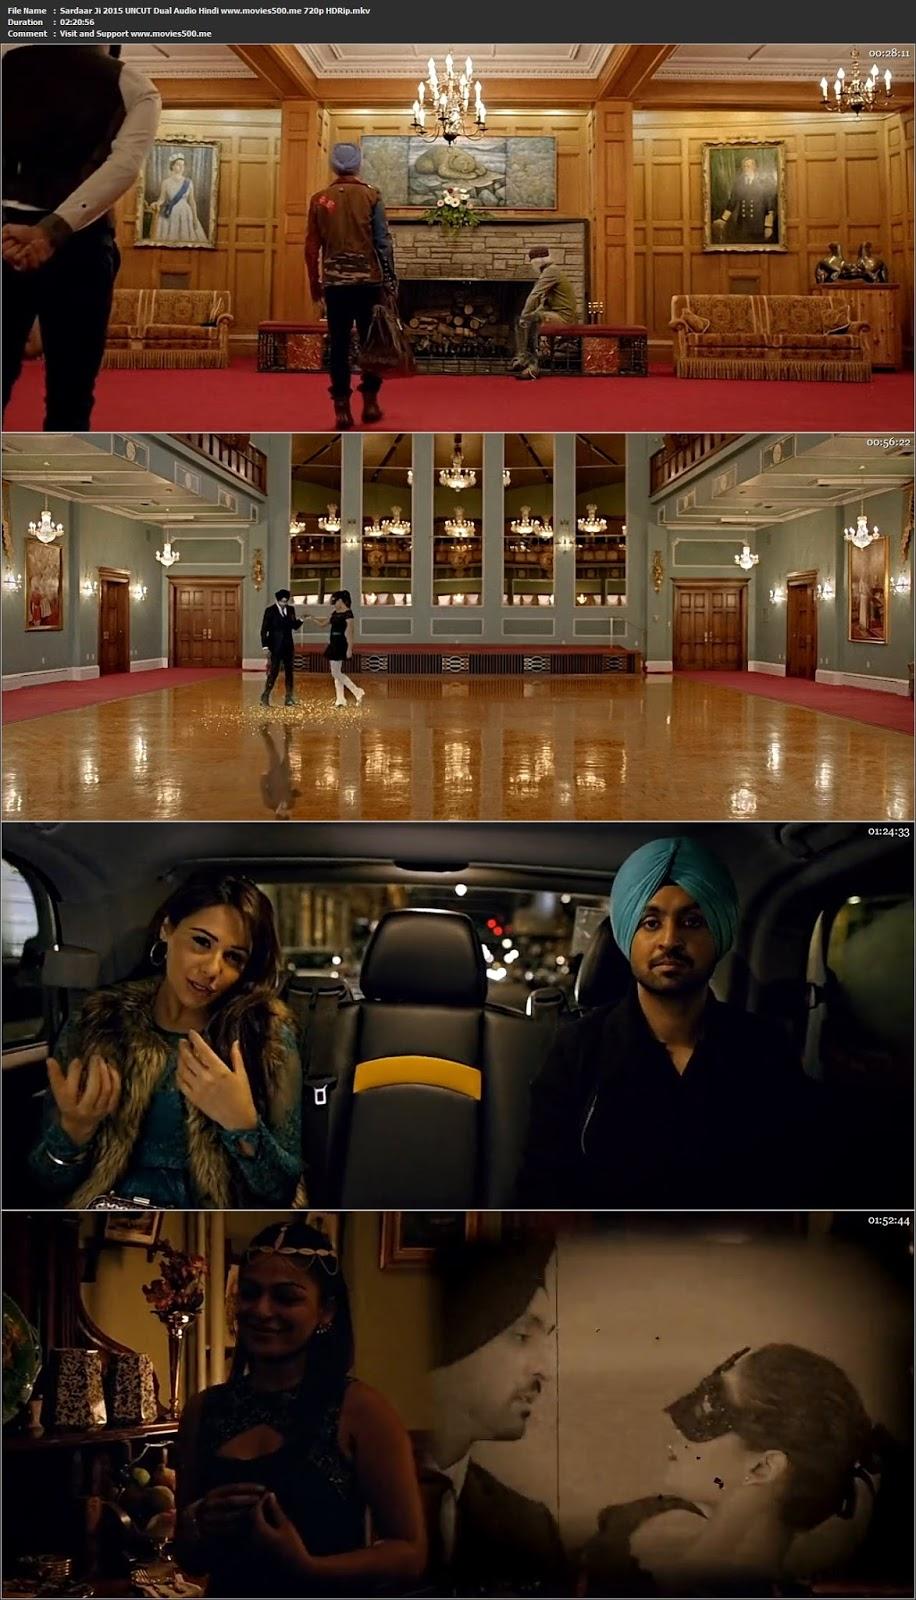 Sardaar Ji 2015 UNCUT Punjabi Movie HDRip 720p 1.4GB at 9966132.com